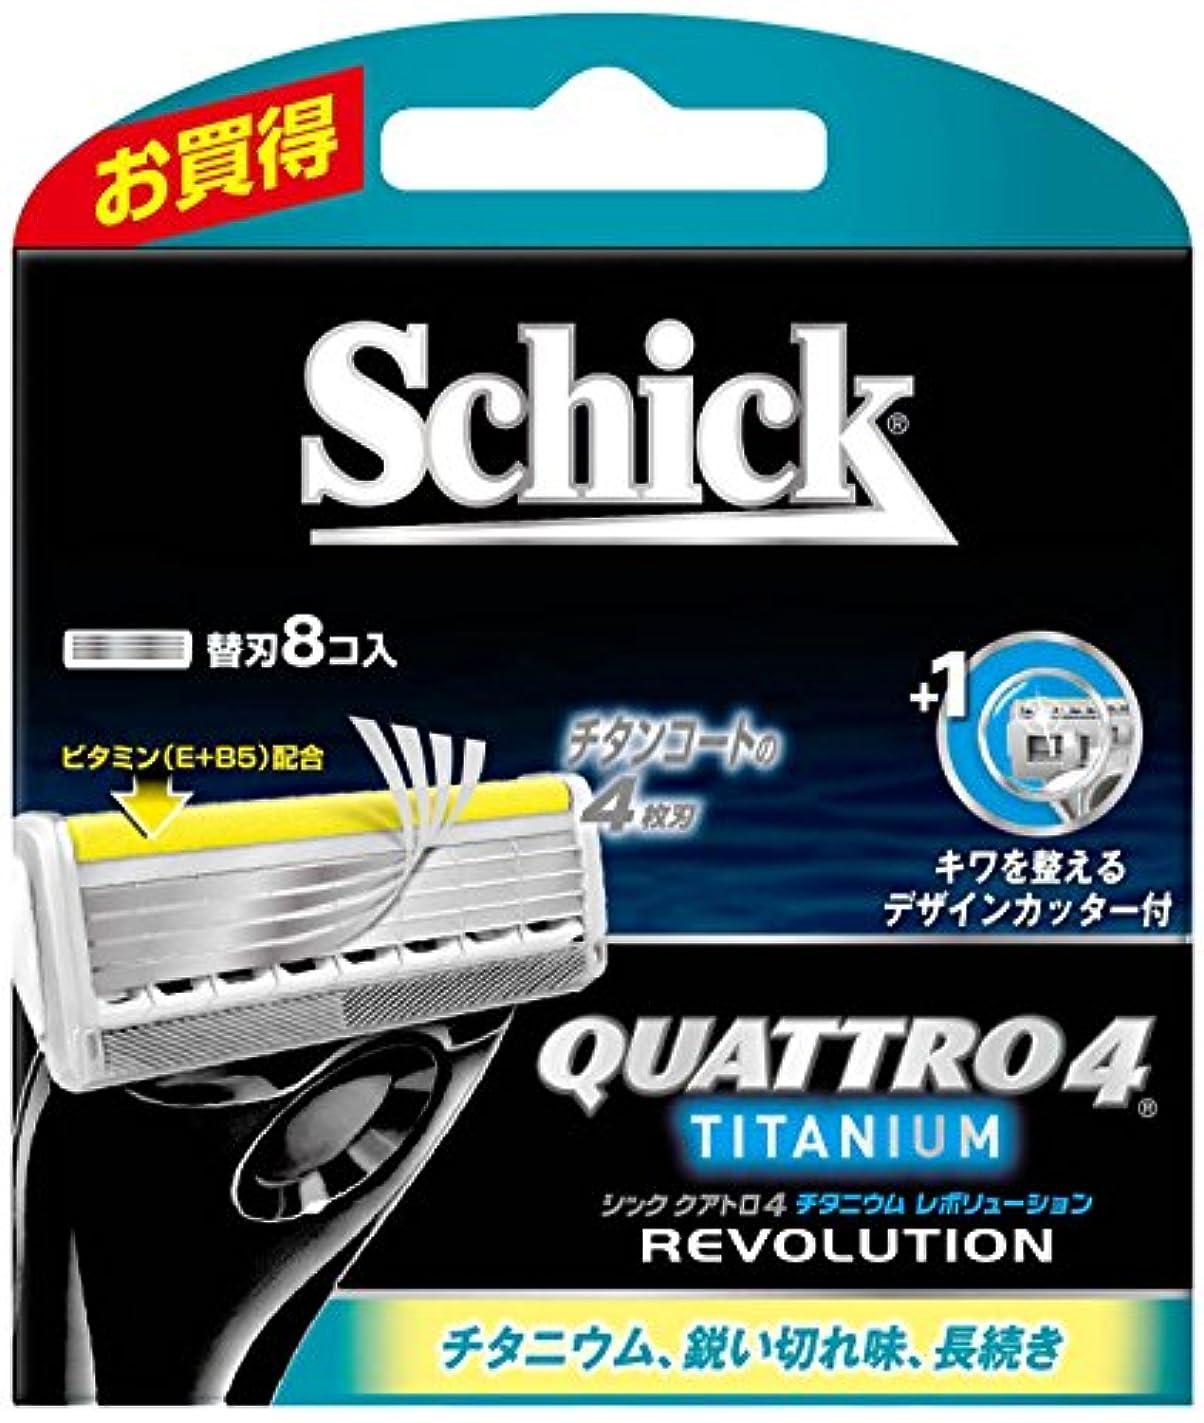 カウントアップ書誌急速なシック クアトロ4 チタニウム レボリューション 替刃 8コ入